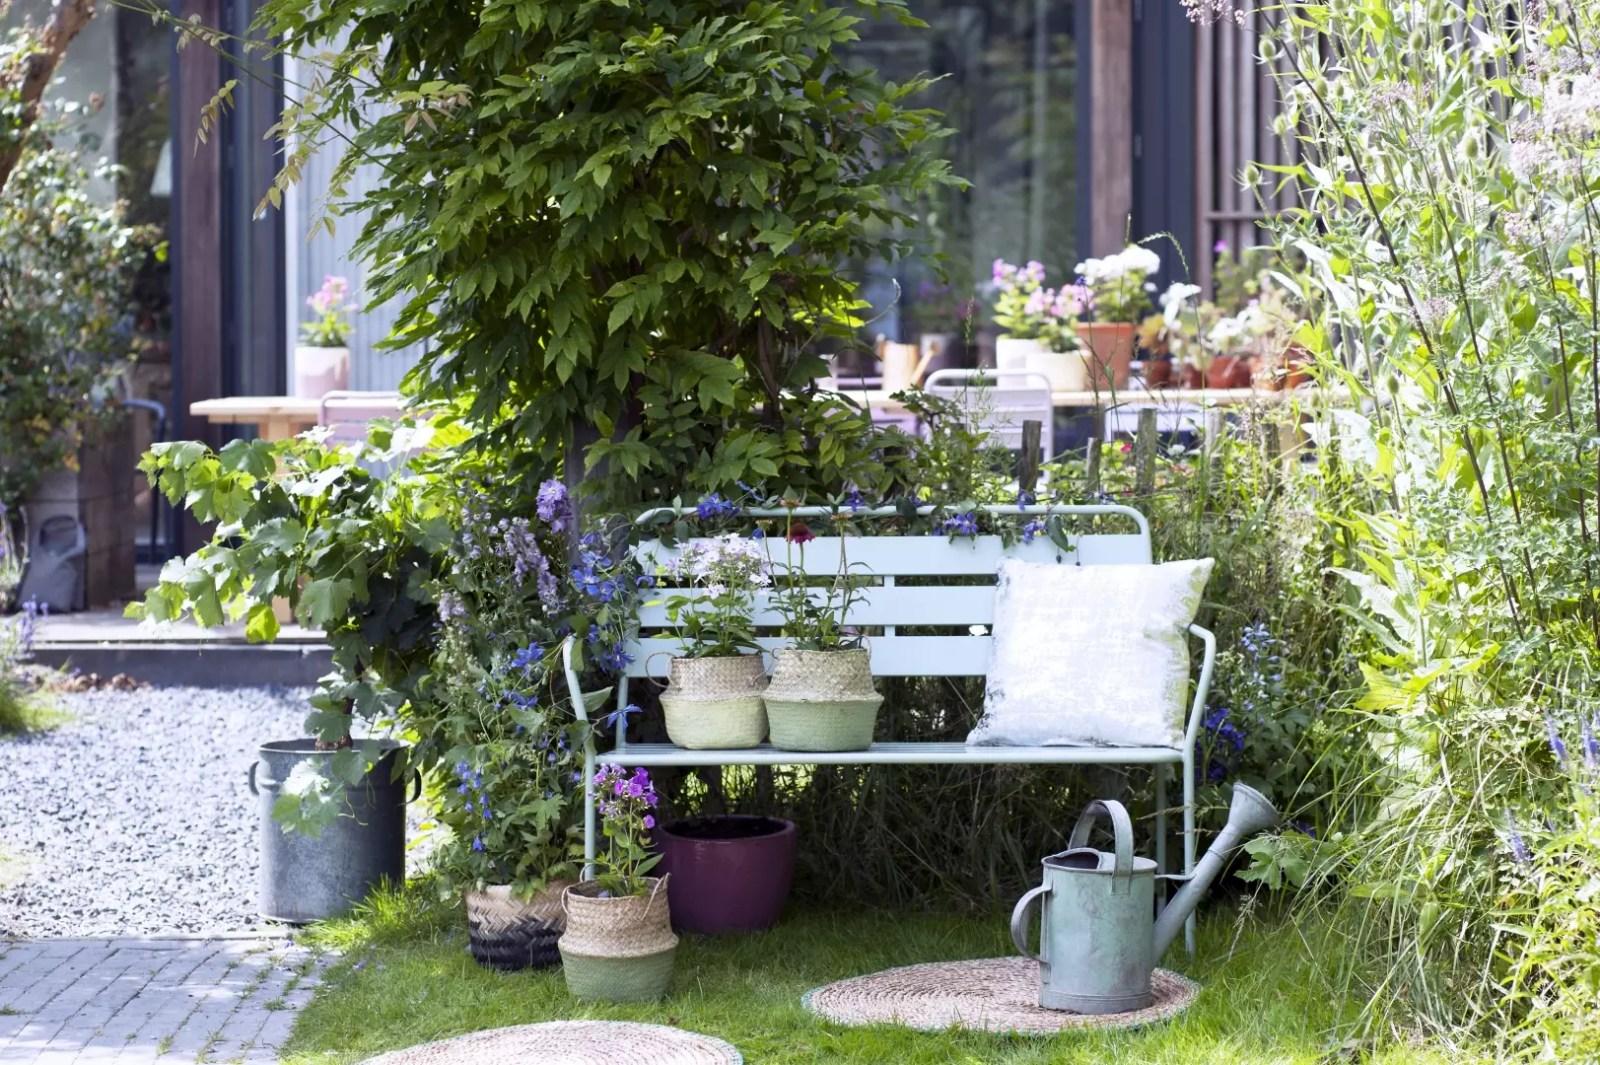 Tuin inspiratie | Zomerboeket uit eigen tuin - Woonblog StijlvolStyling.com